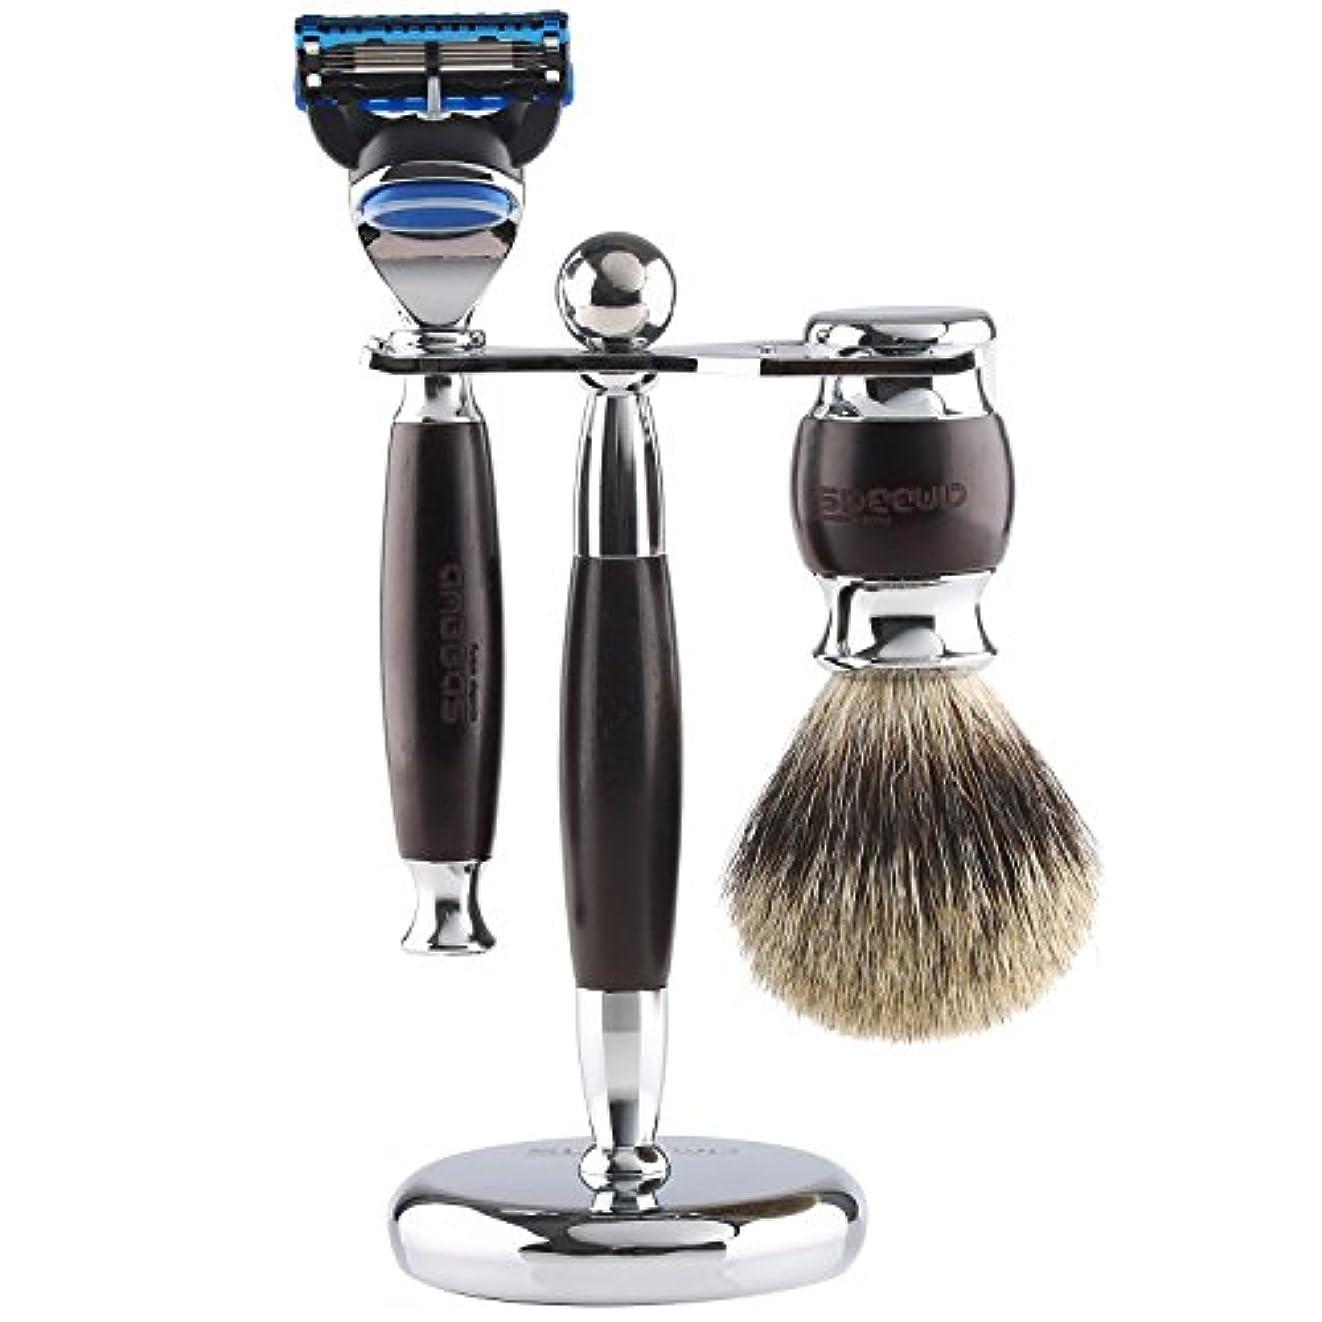 ささやき着るコロニアルEasy Raku®Anbbas 3in1 クラシックシェービングブラシセット 剃刀スタンド アナグマ毛シェービングブラシ シェービングカートリッジ 剃刀ハンドル メンズ